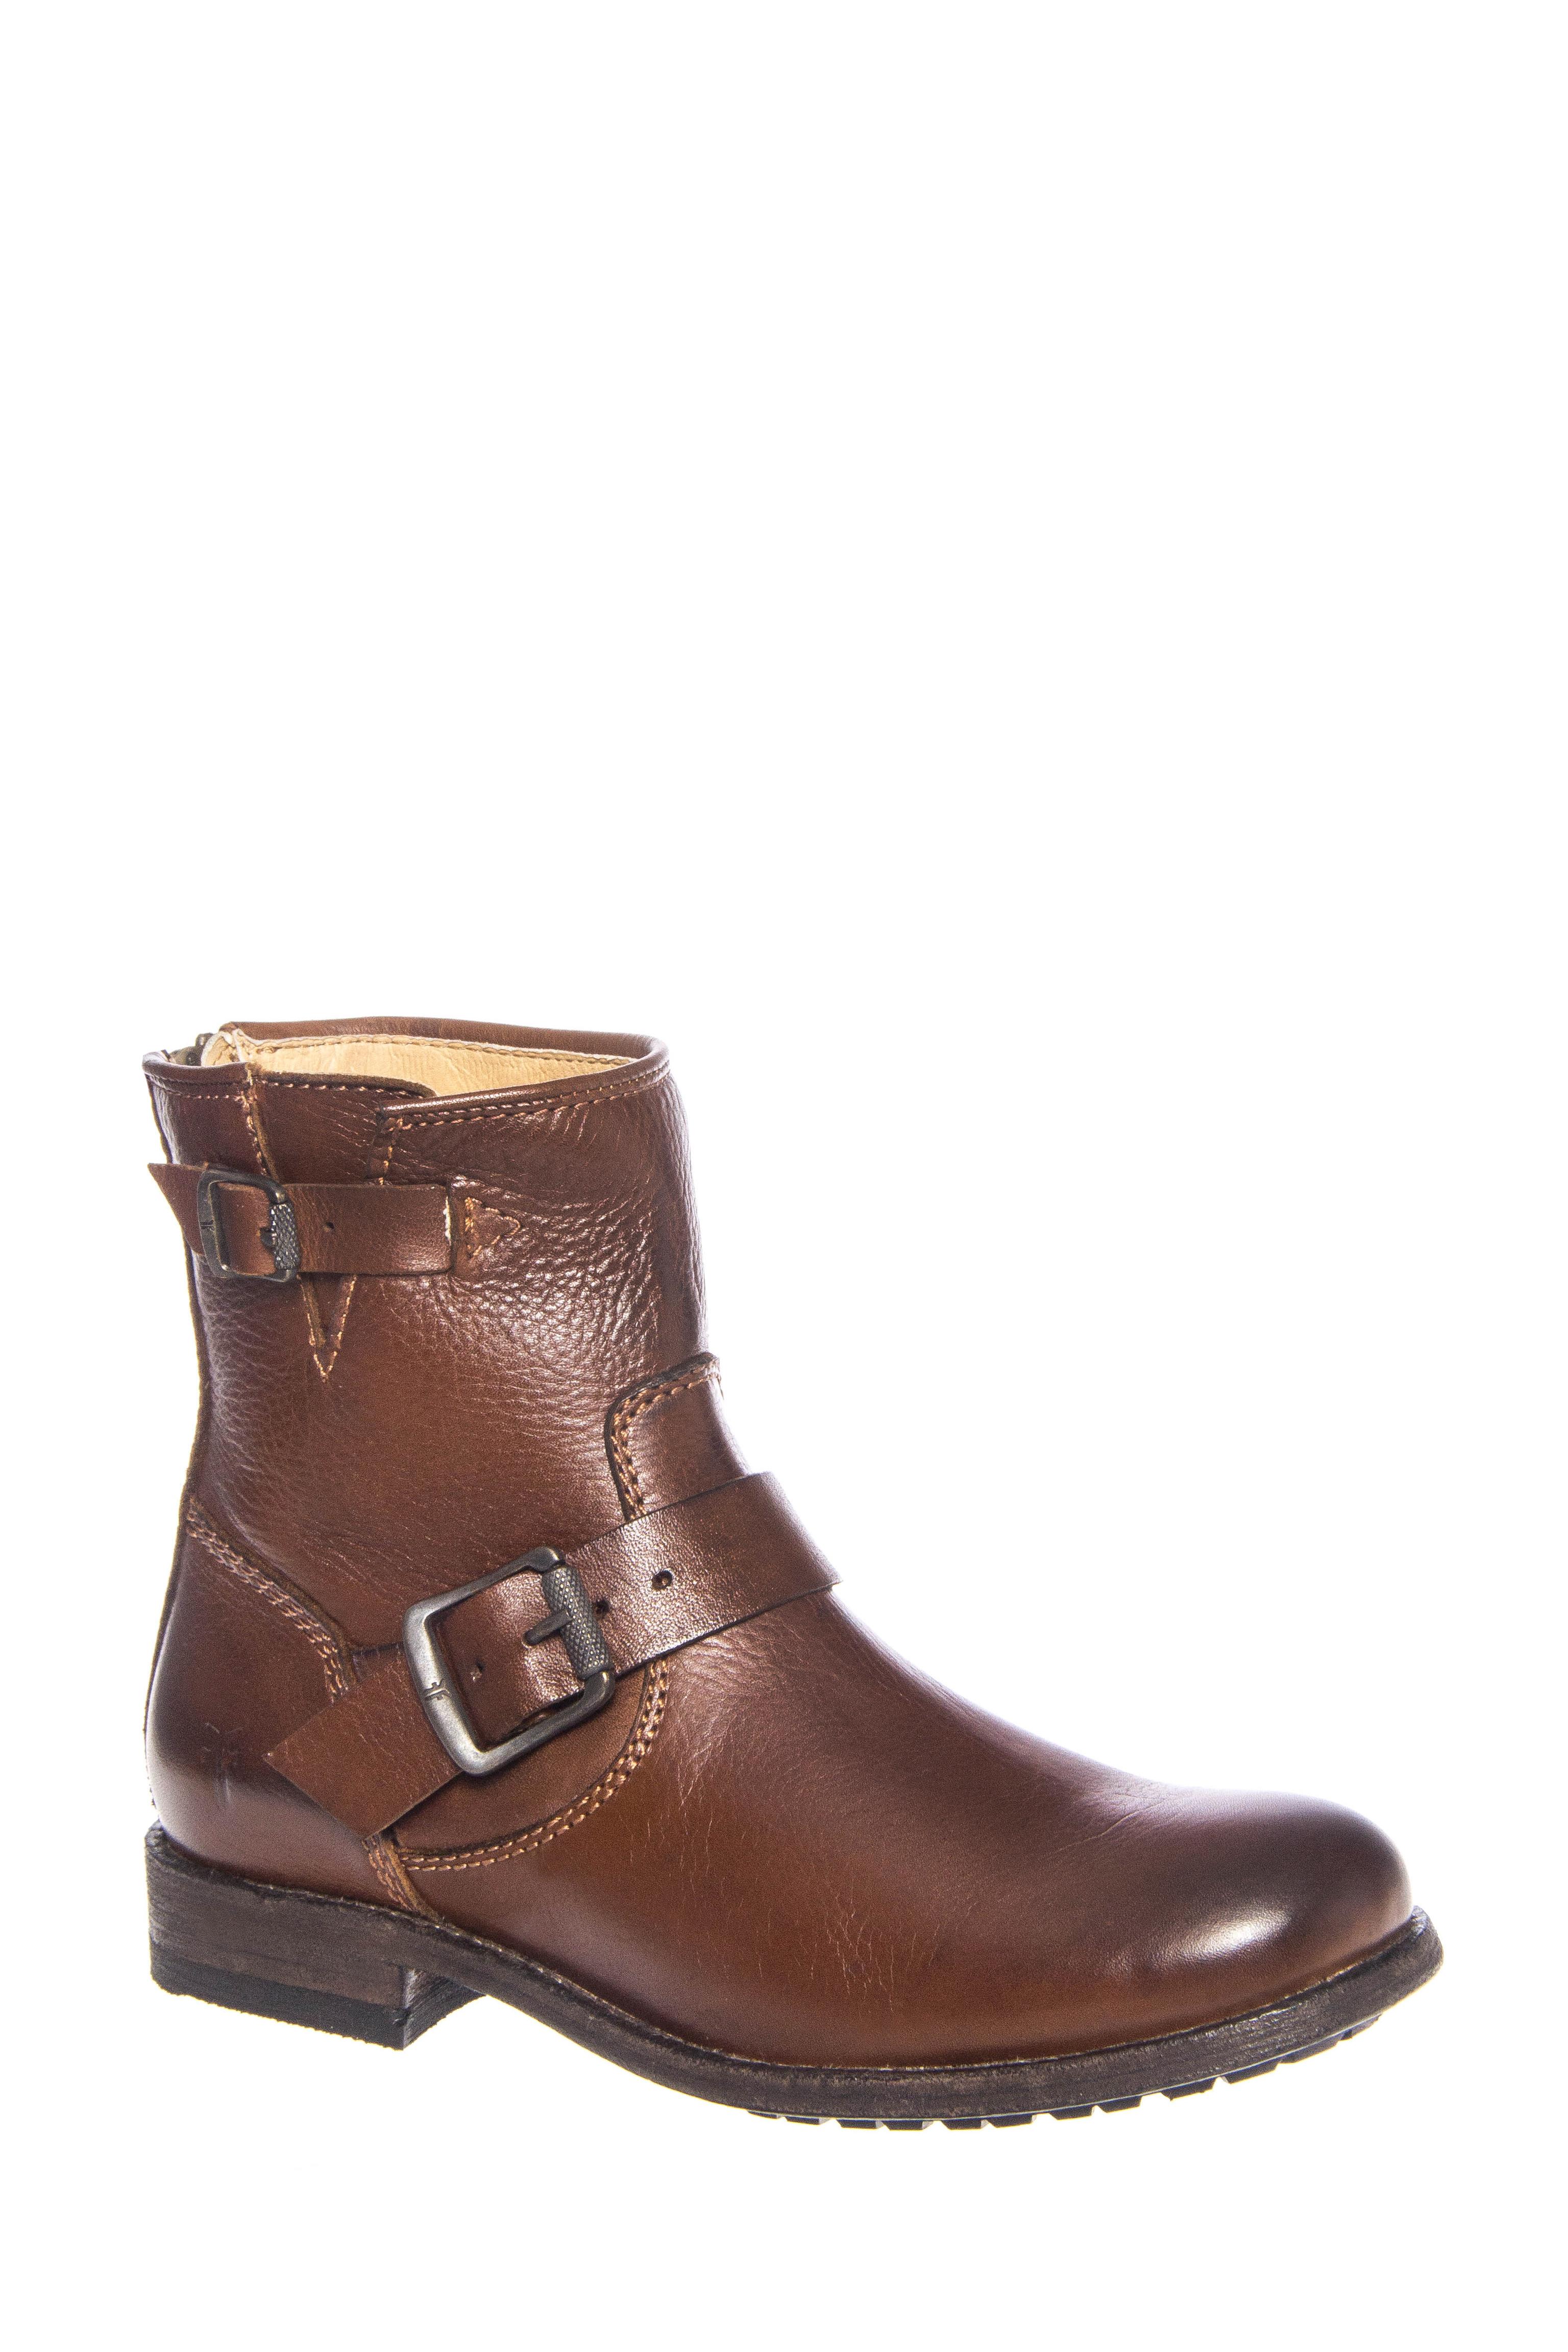 Frye Tyler Engineer Low Heel Leather Boots - Cognac